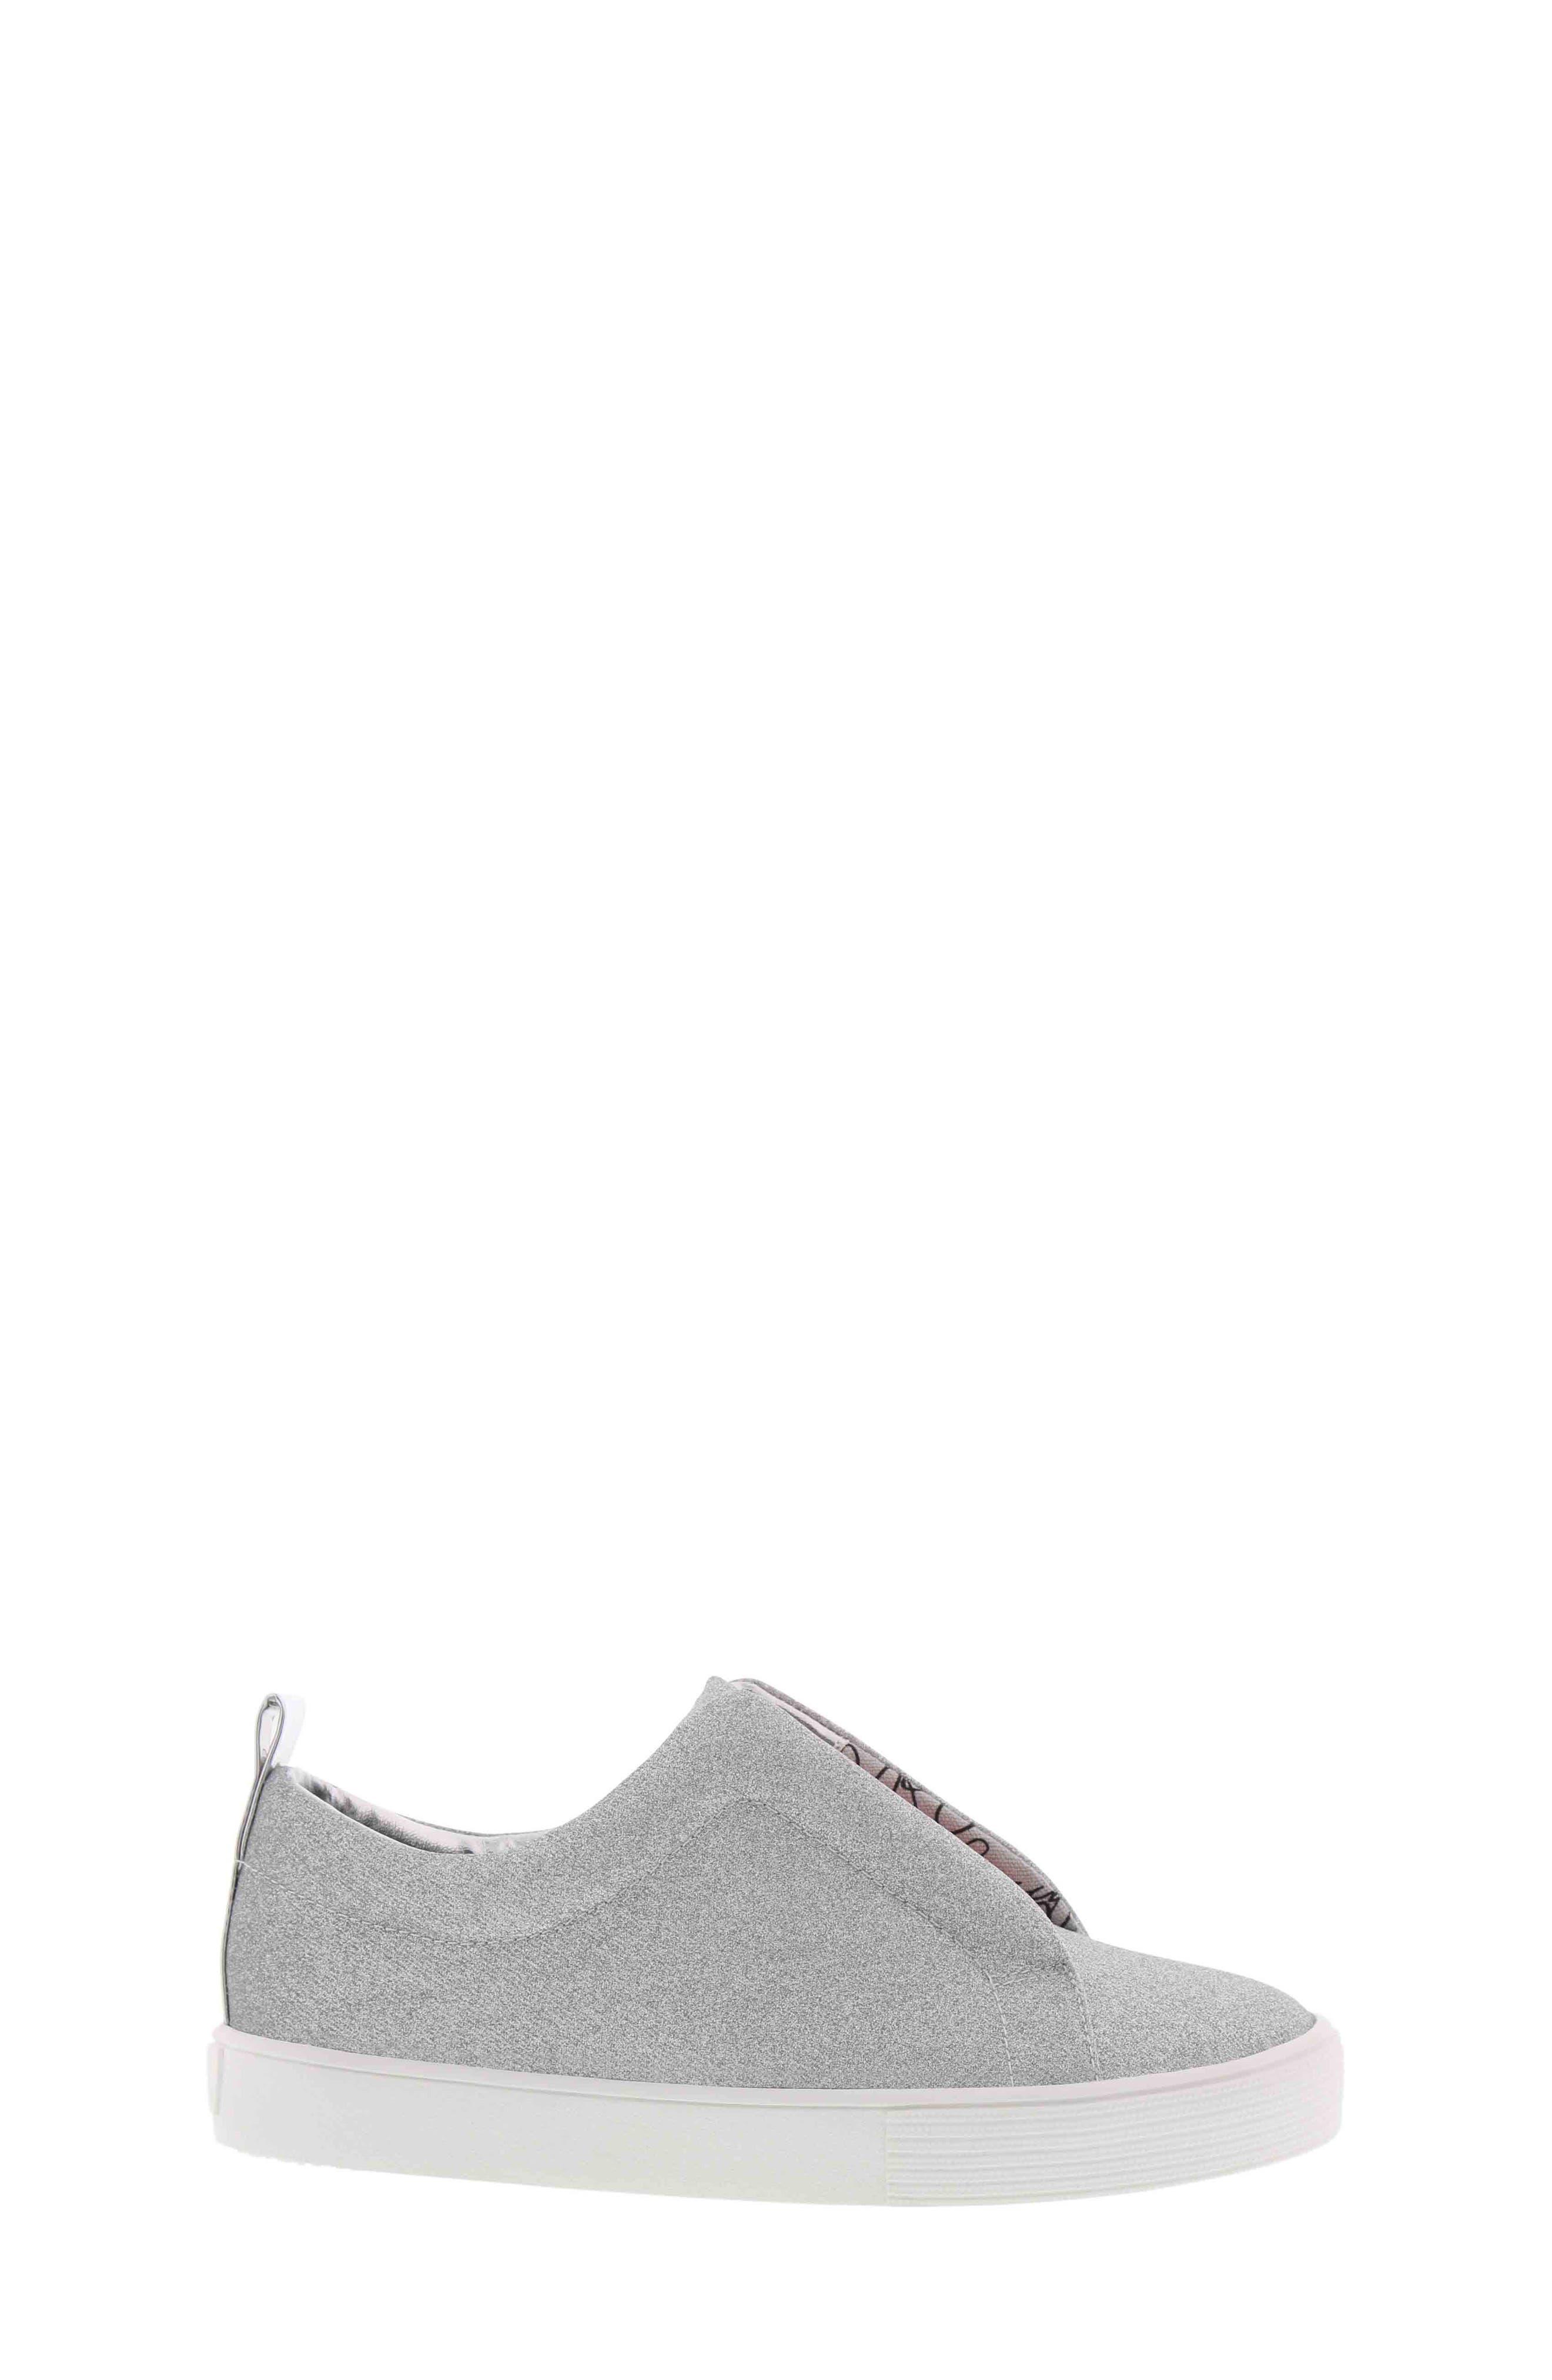 Bella Emma Slip-On Sneaker,                             Alternate thumbnail 3, color,                             SILVER GLITTER